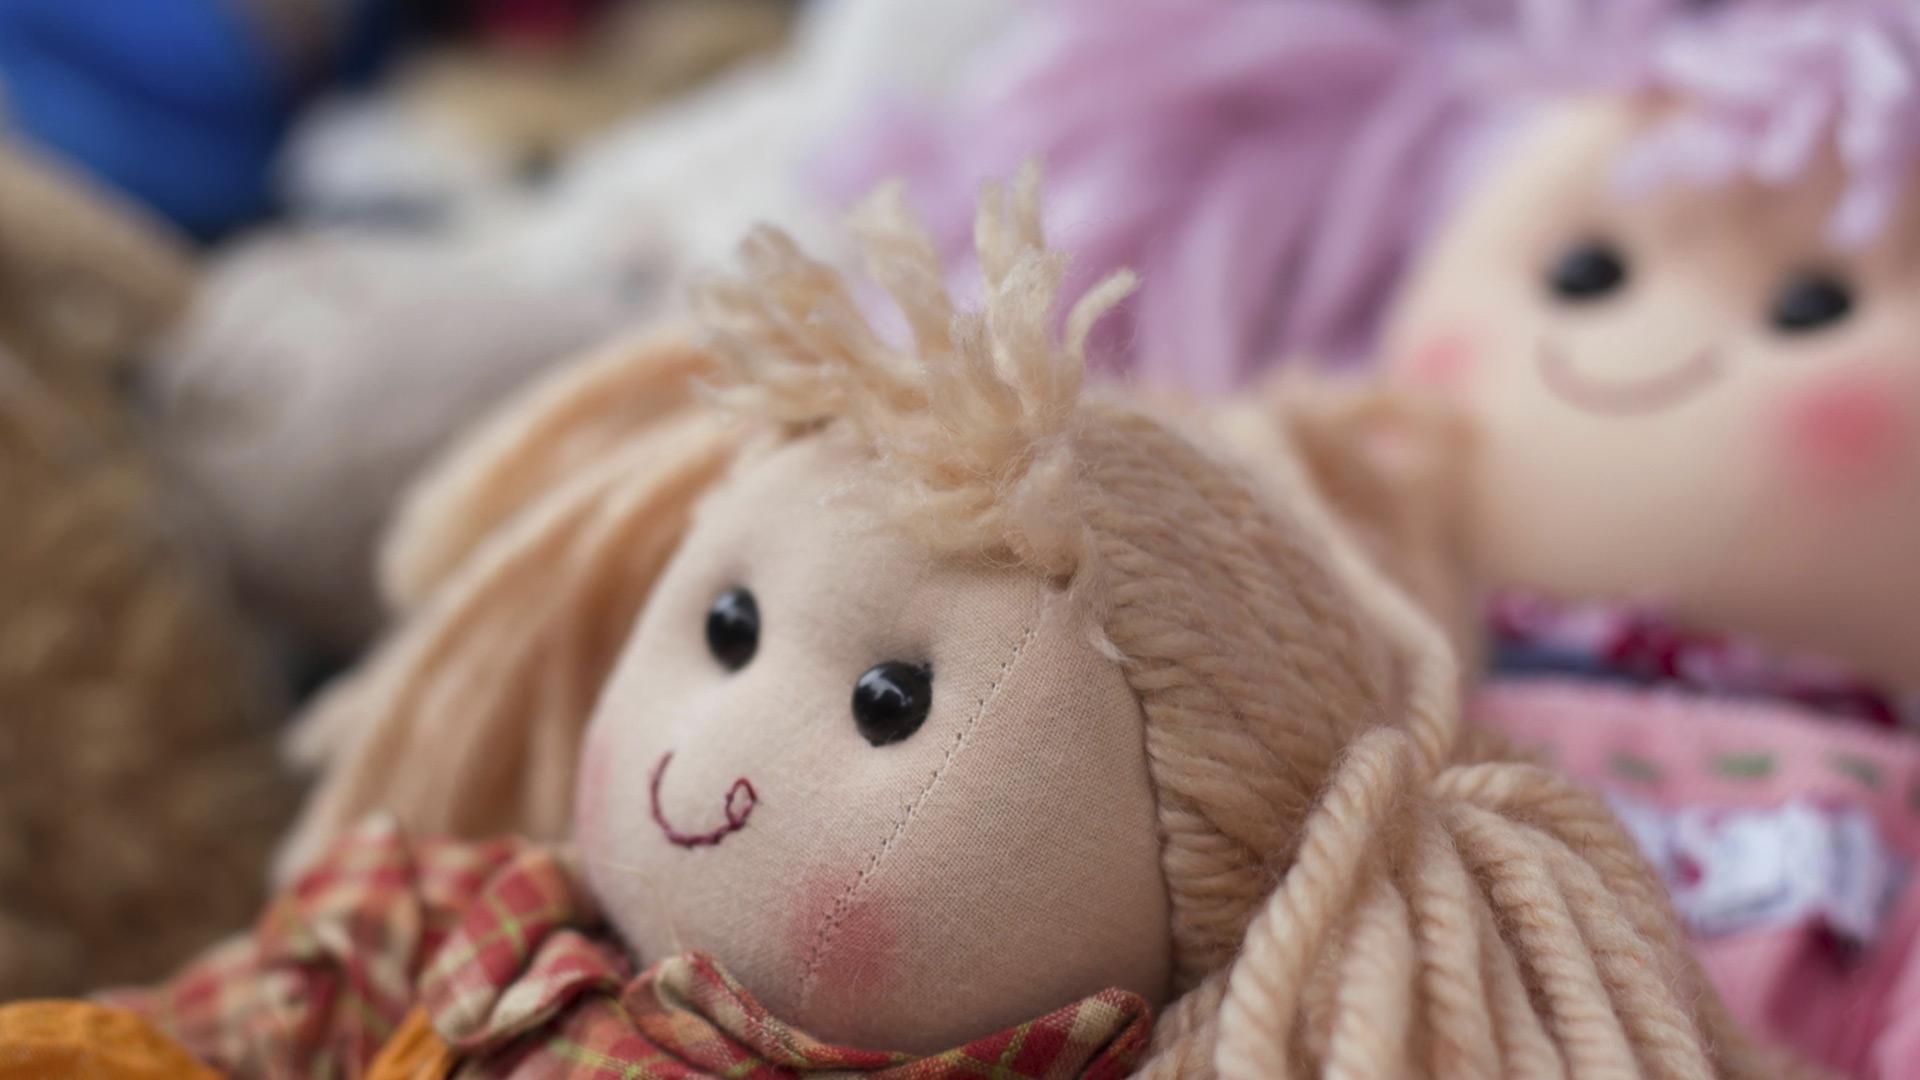 Cute baby dolls | Sheknows.com